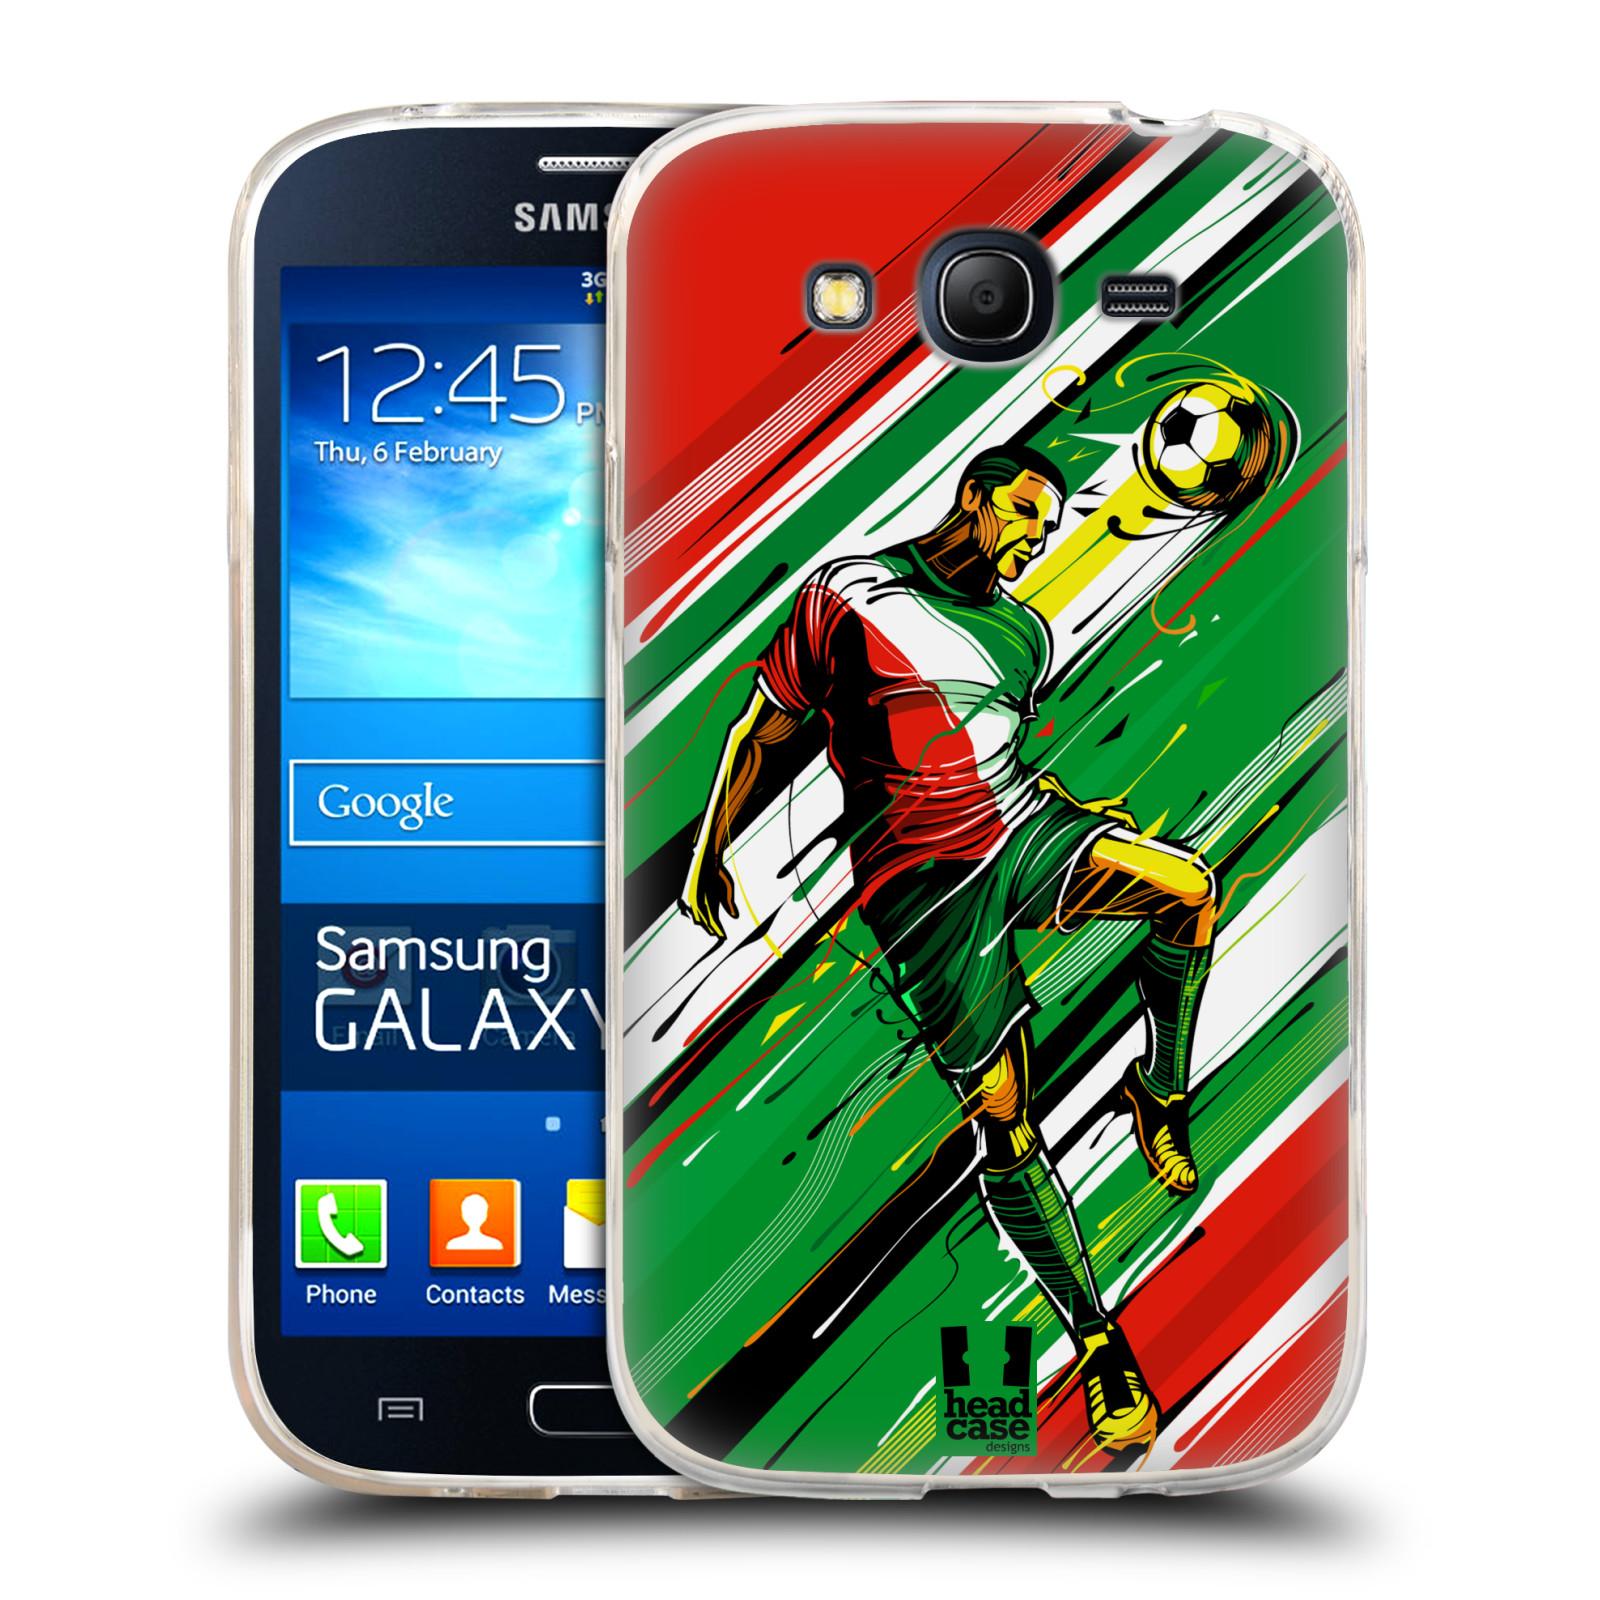 Silikonové pouzdro na mobil Samsung Galaxy Grand Neo Plus HEAD CASE HLAVIČKA (Silikonový kryt či obal na mobilní telefon Samsung Galaxy Grand Neo Plus Duos GT-I9060i)